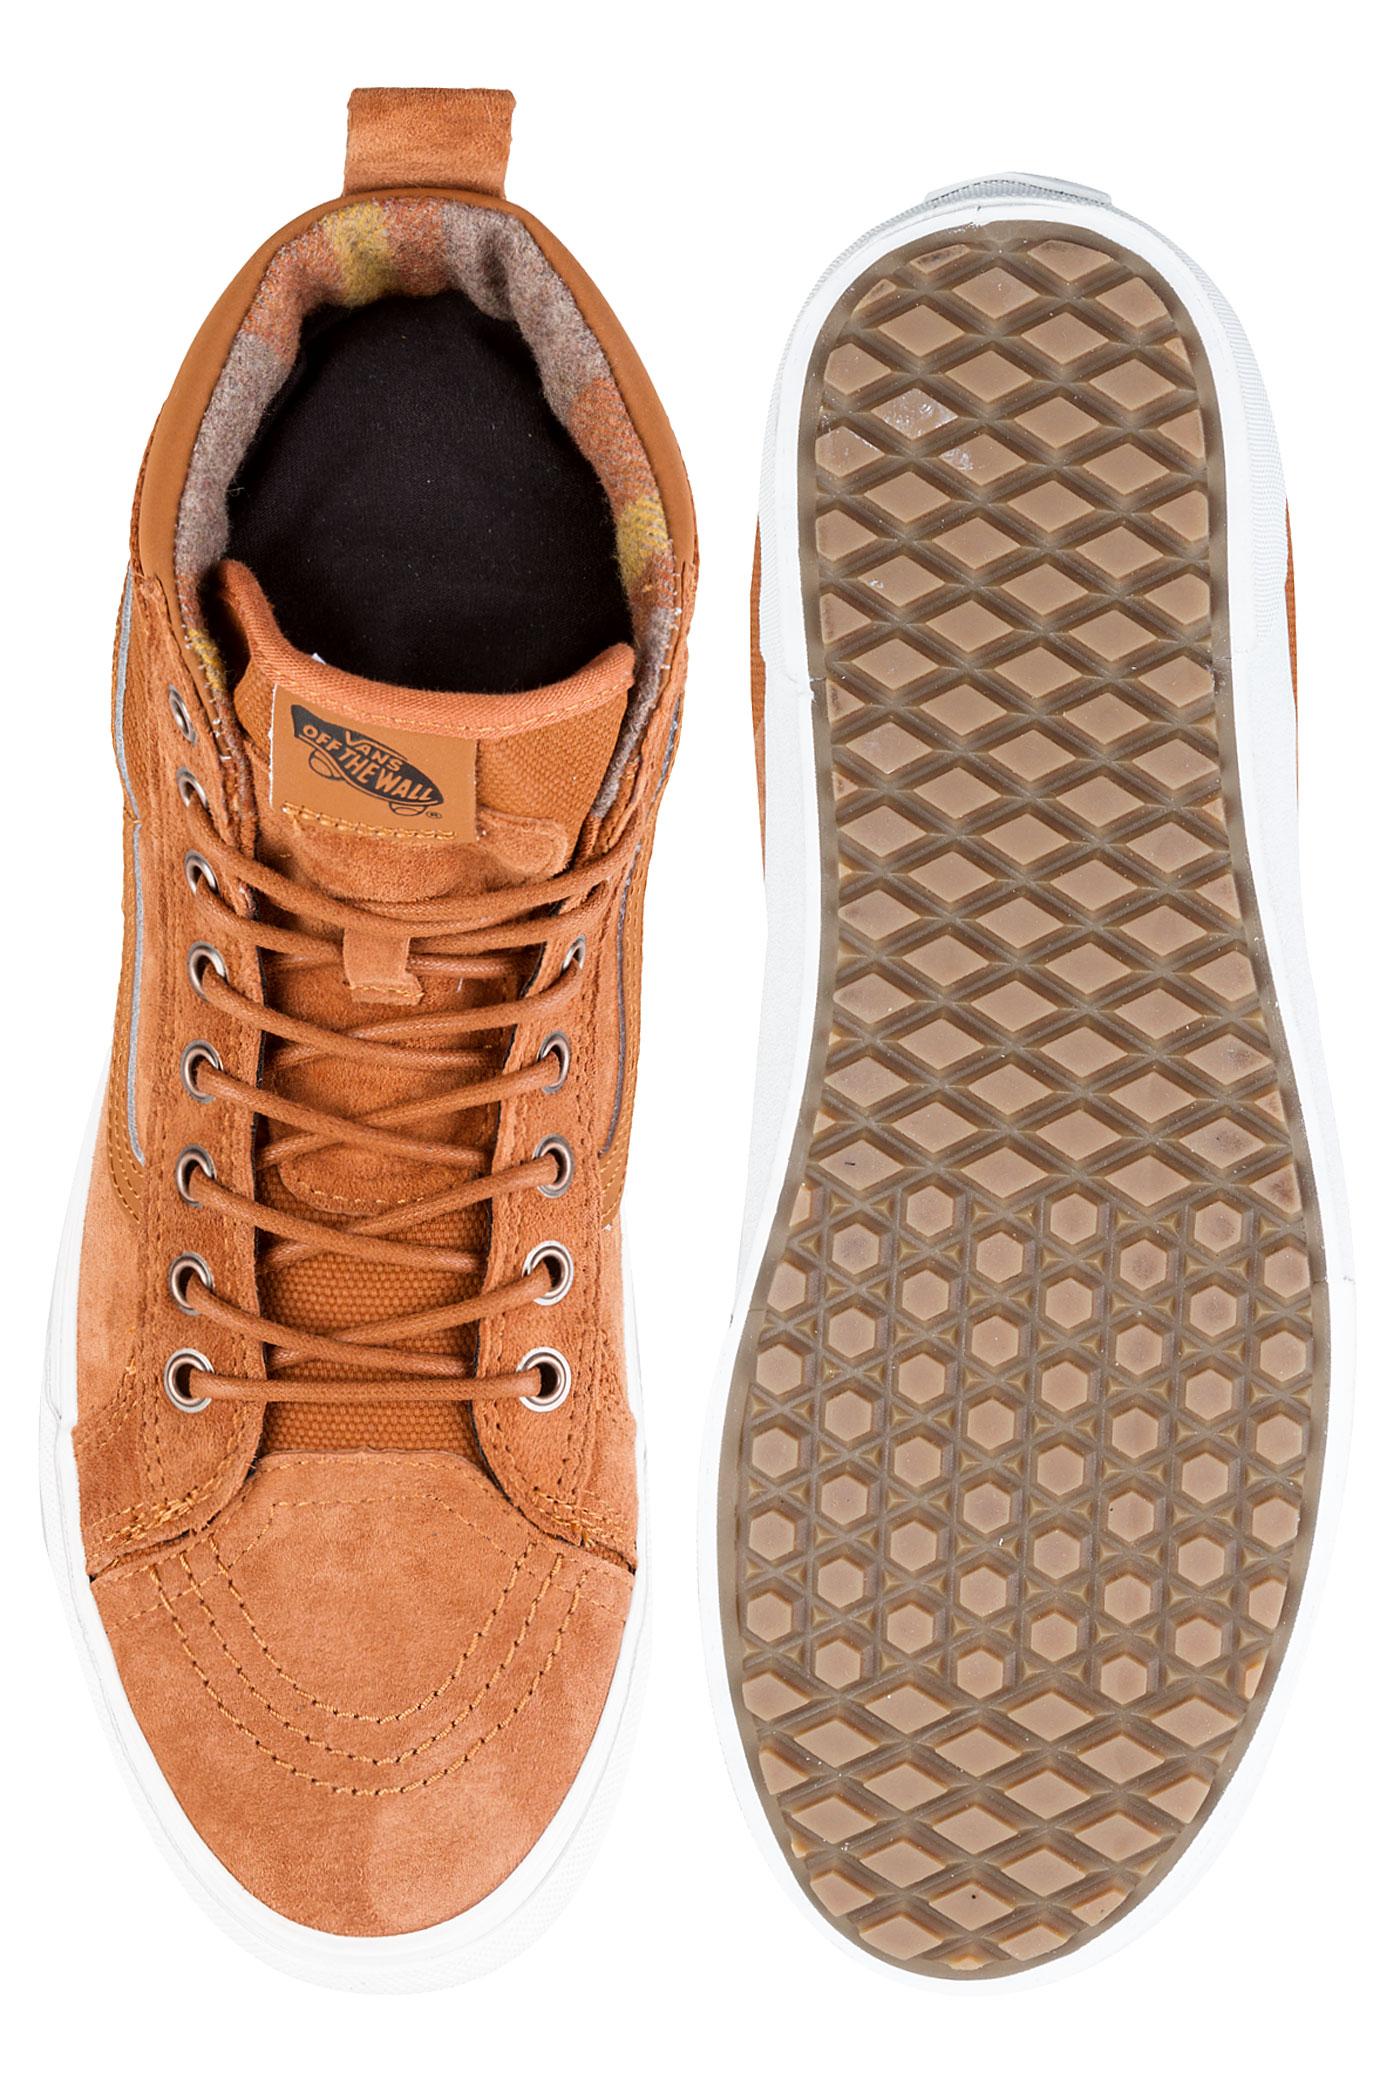 405cf14c670 Vans Sk8-Hi 46 MTE DX Shoes (glaze) buy at skatedeluxe